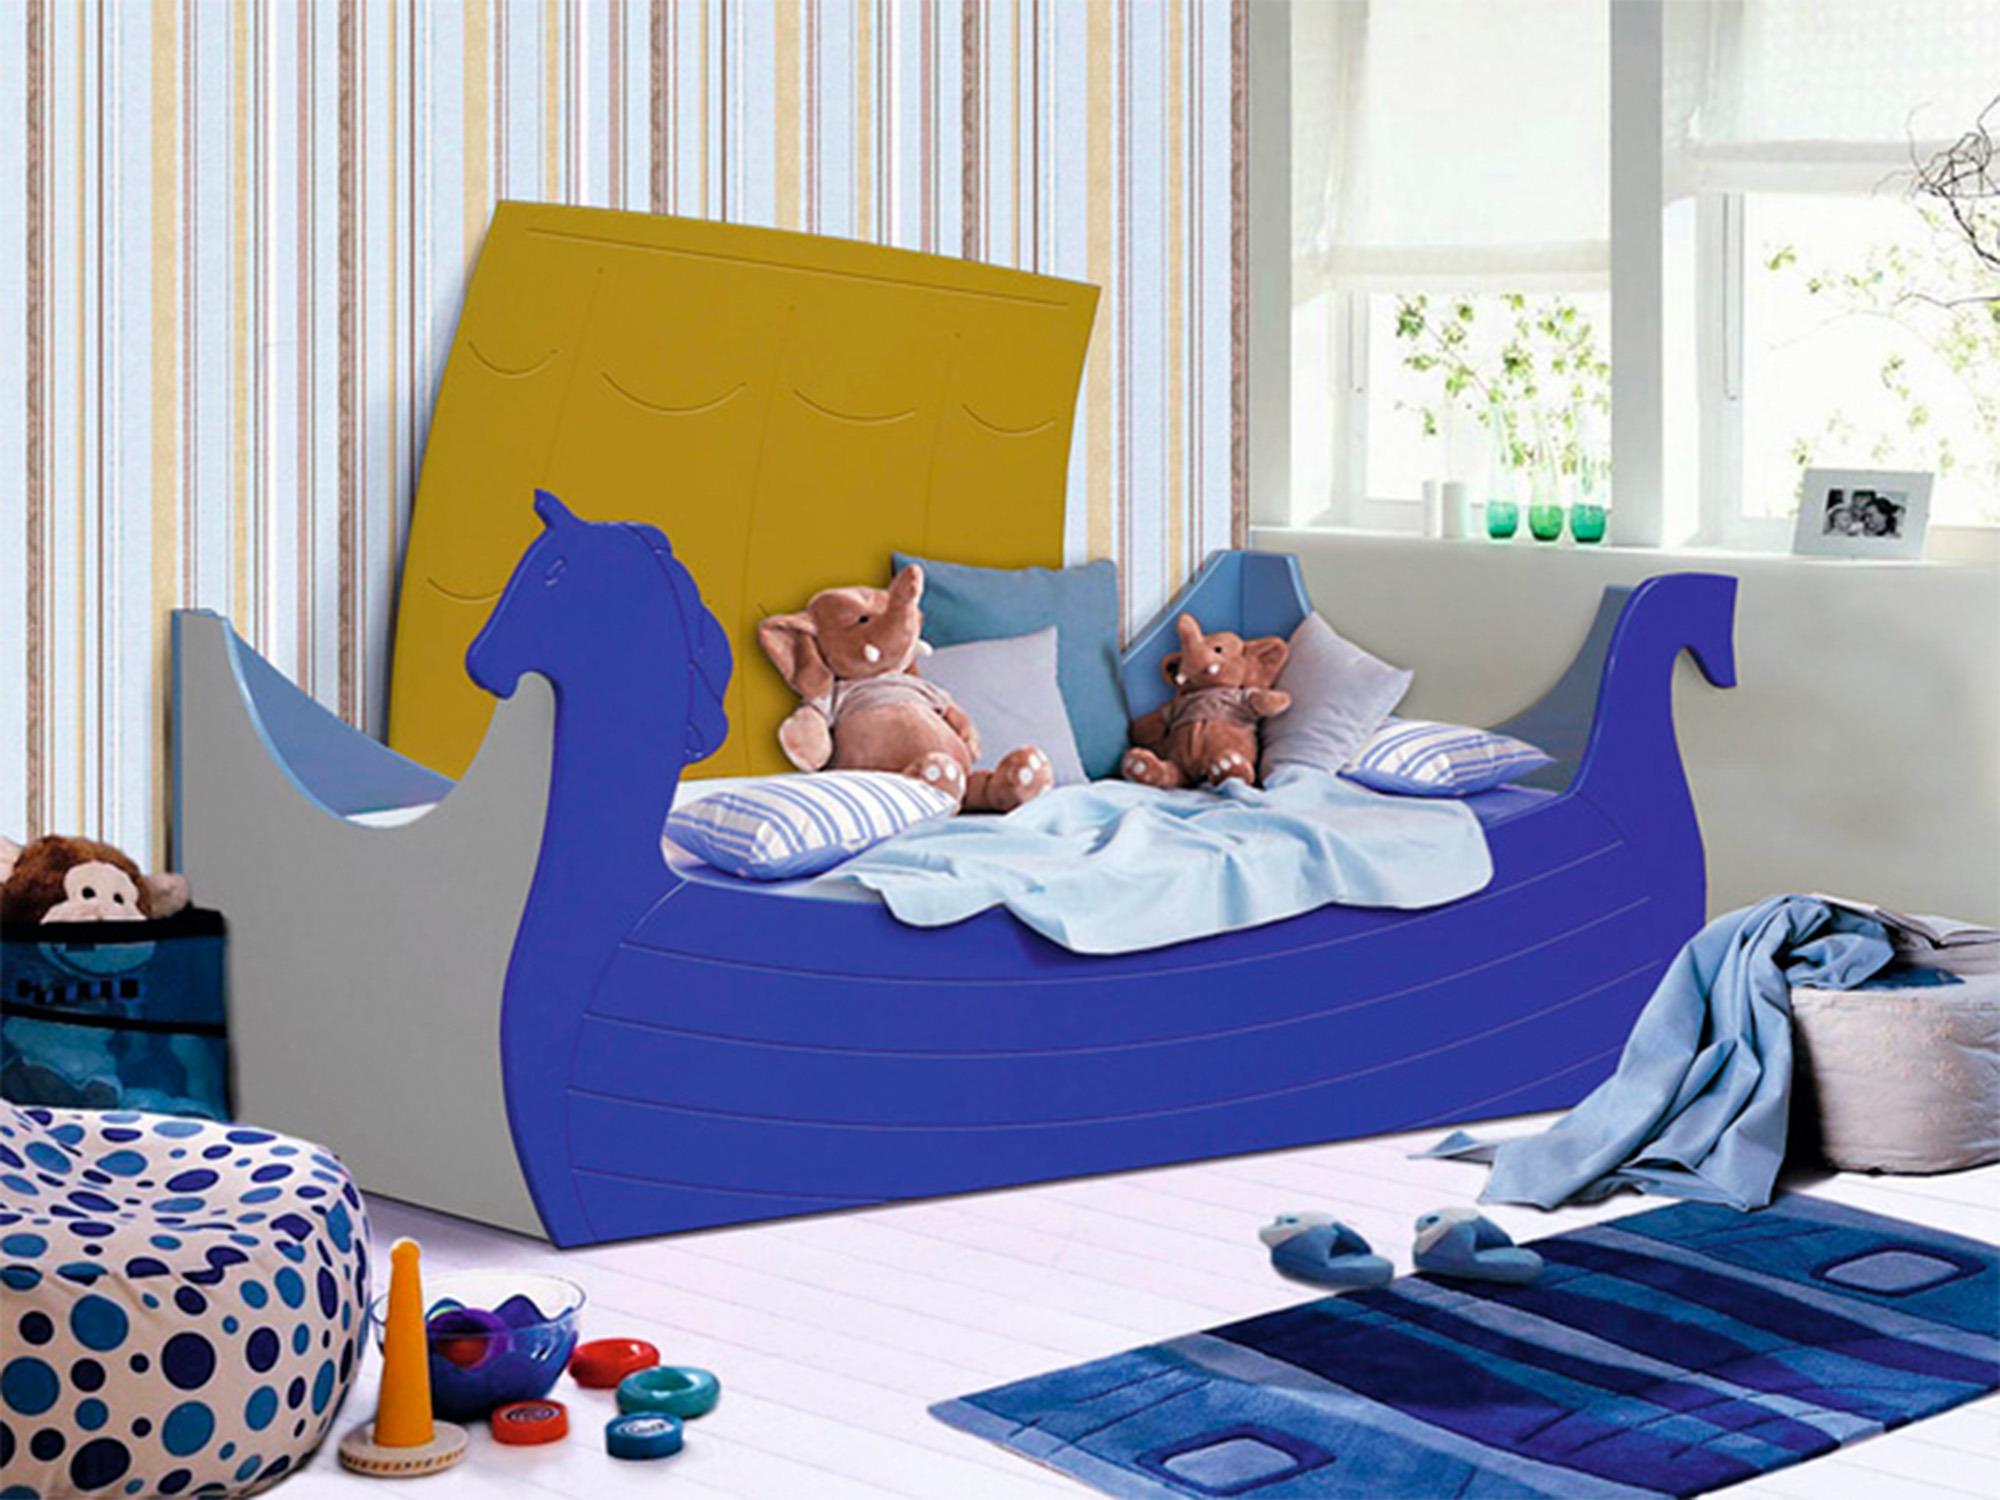 Кровать ЛадьяДетские кровати<br><br><br>Длина мм: 1990<br>Высота мм: 890<br>Глубина мм: 840